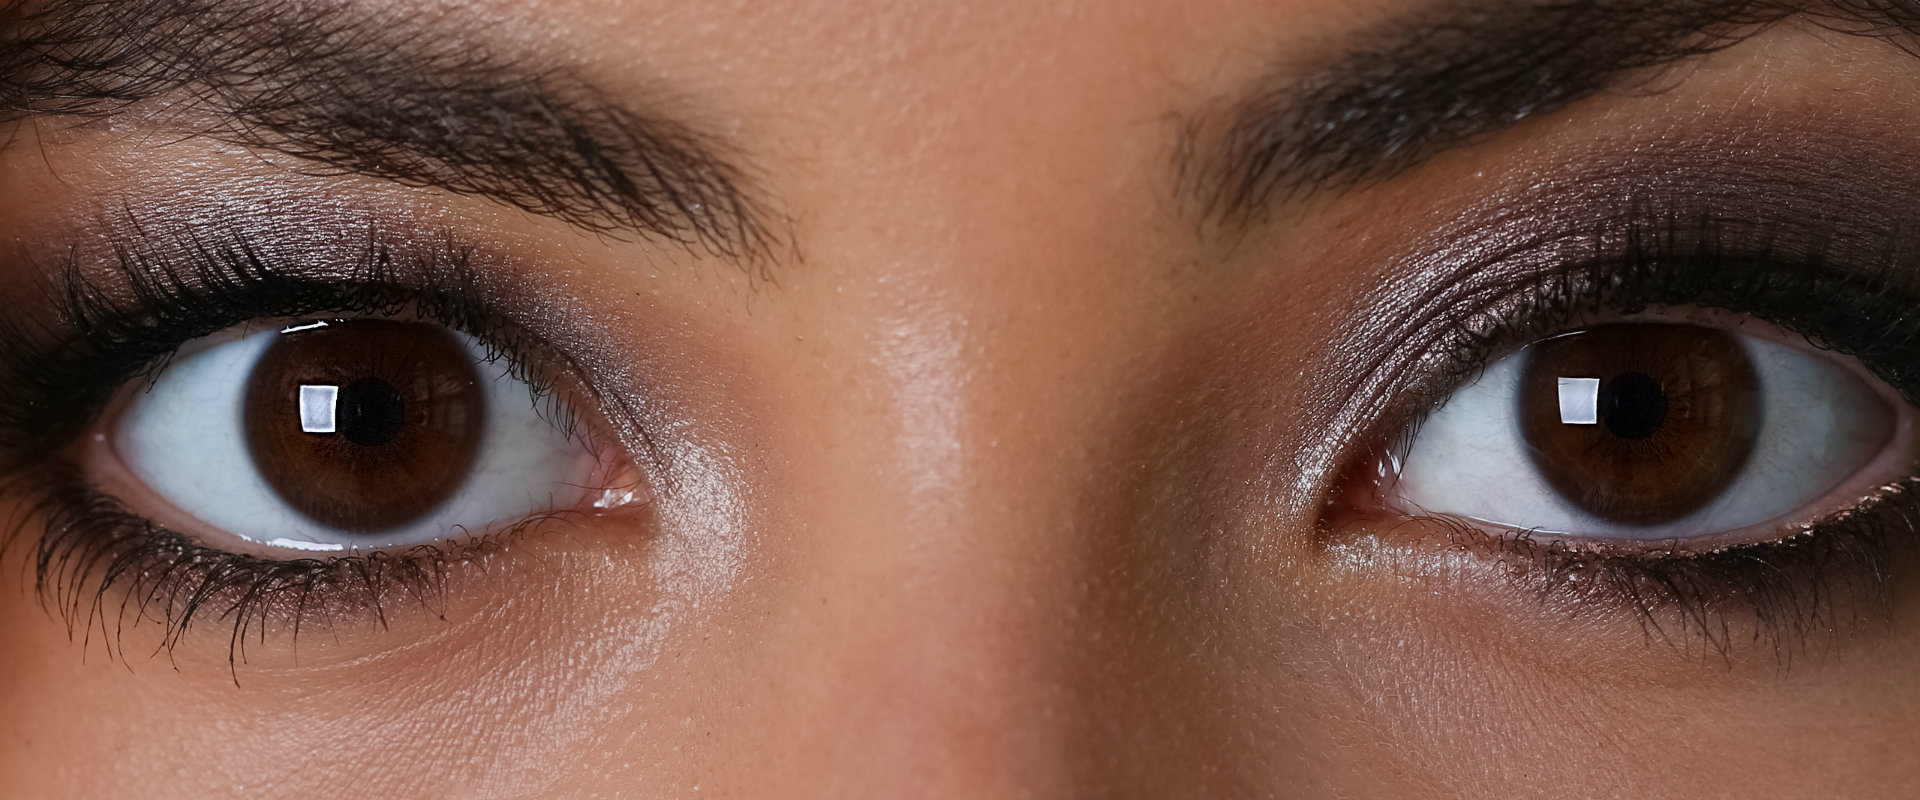 Acercamiento a los ojos cafés de una mujer enfermedades de lo ojos